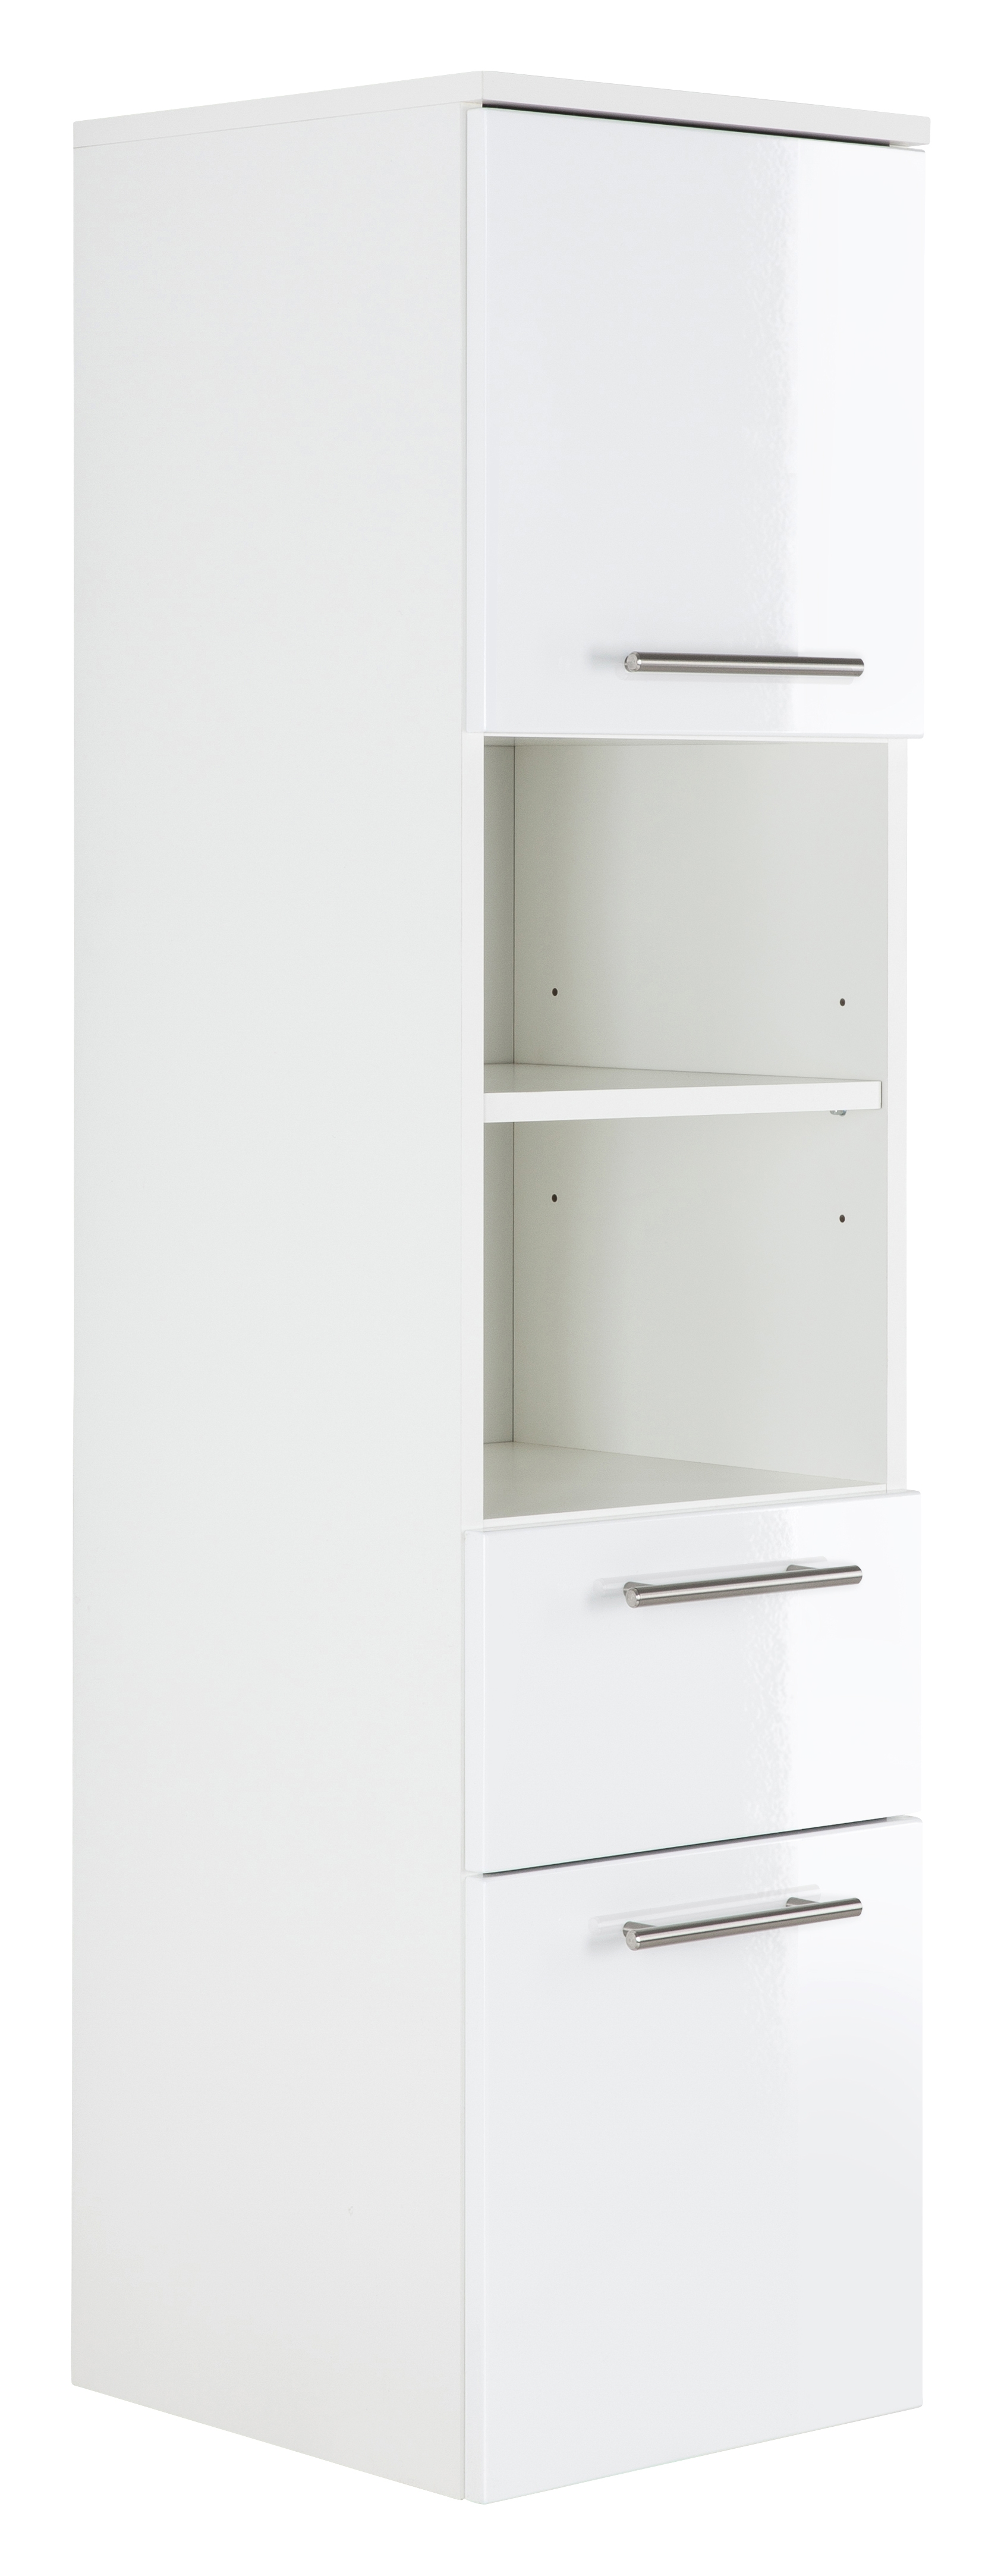 Saniclear Viva kolomkast 135x35x37cm hoogglans wit